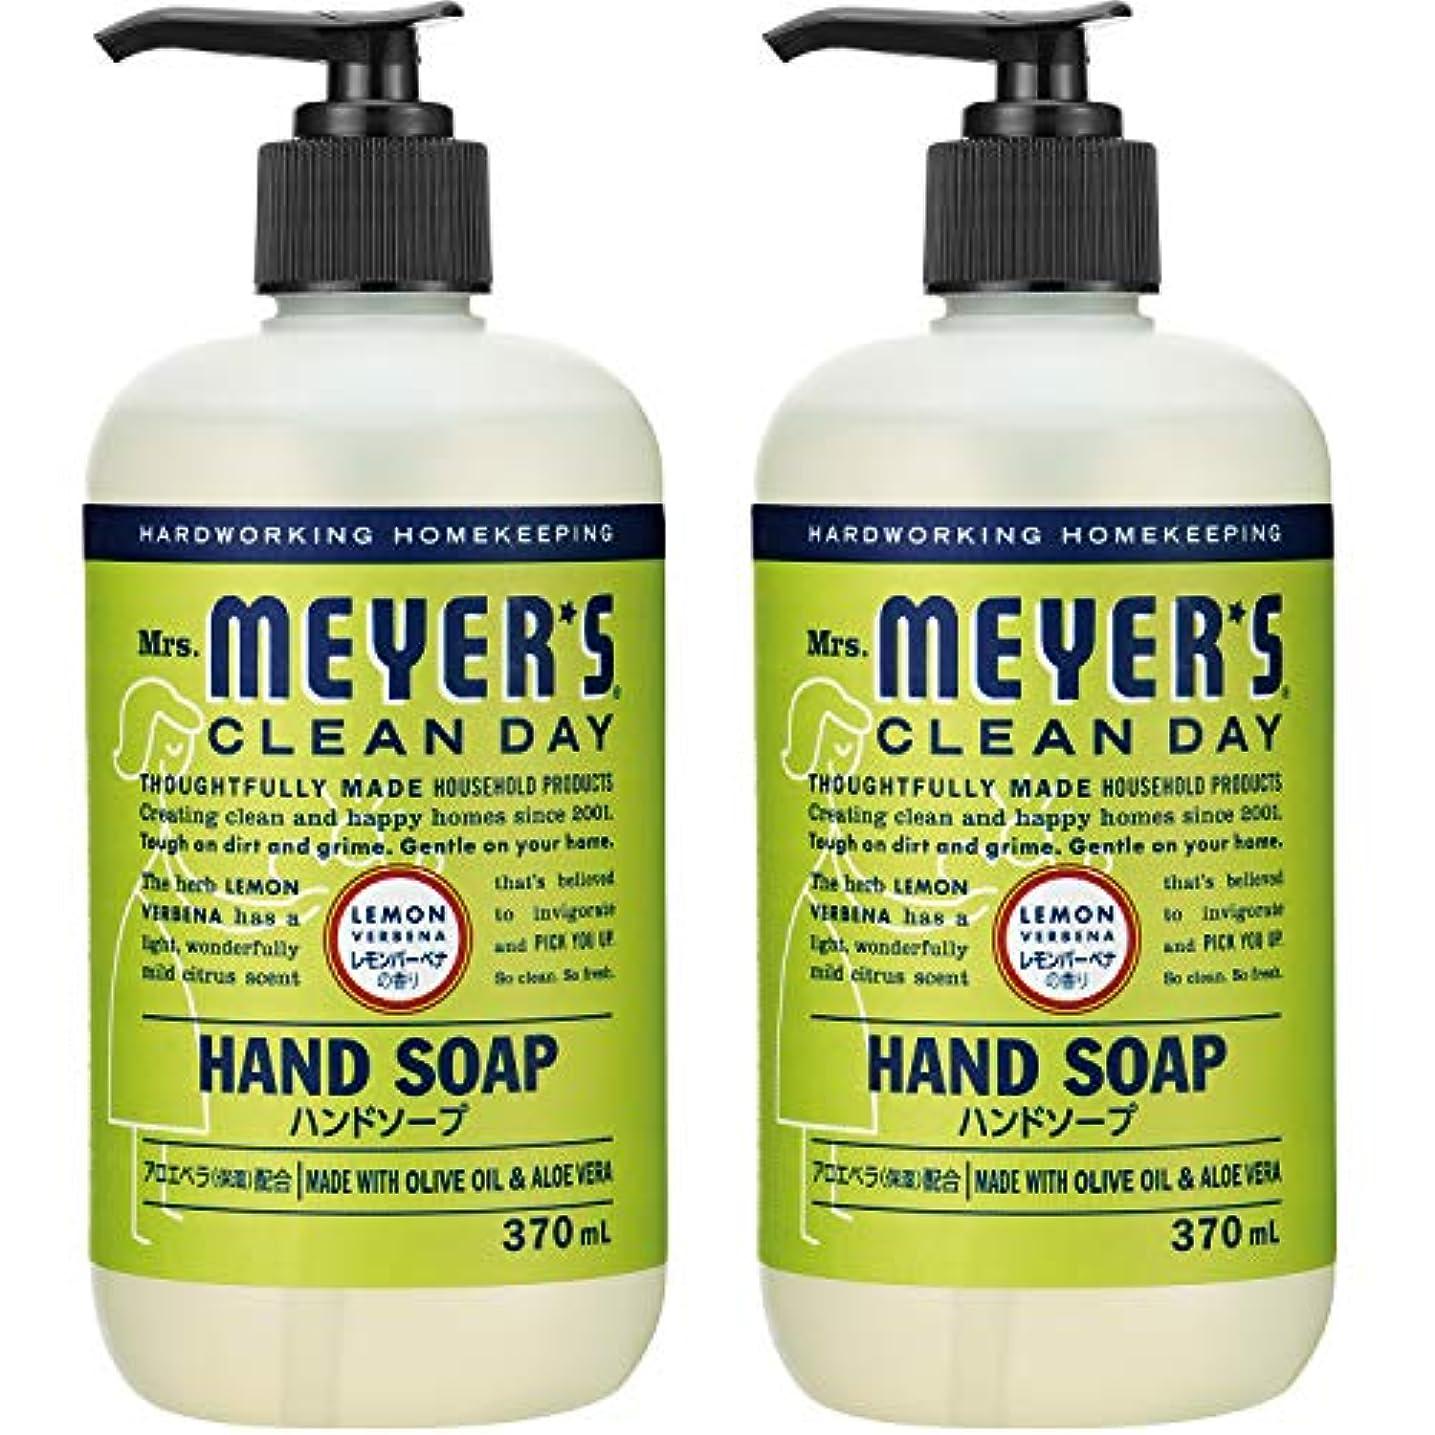 リボン異常散歩Mrs. MEYER'S CLEAN DAY(ミセスマイヤーズ クリーンデイ) ミセスマイヤーズ クリーンデイ(Mrs.Meyers Clean Day) ハンドソープ レモンバーベナの香り 370ml×2個